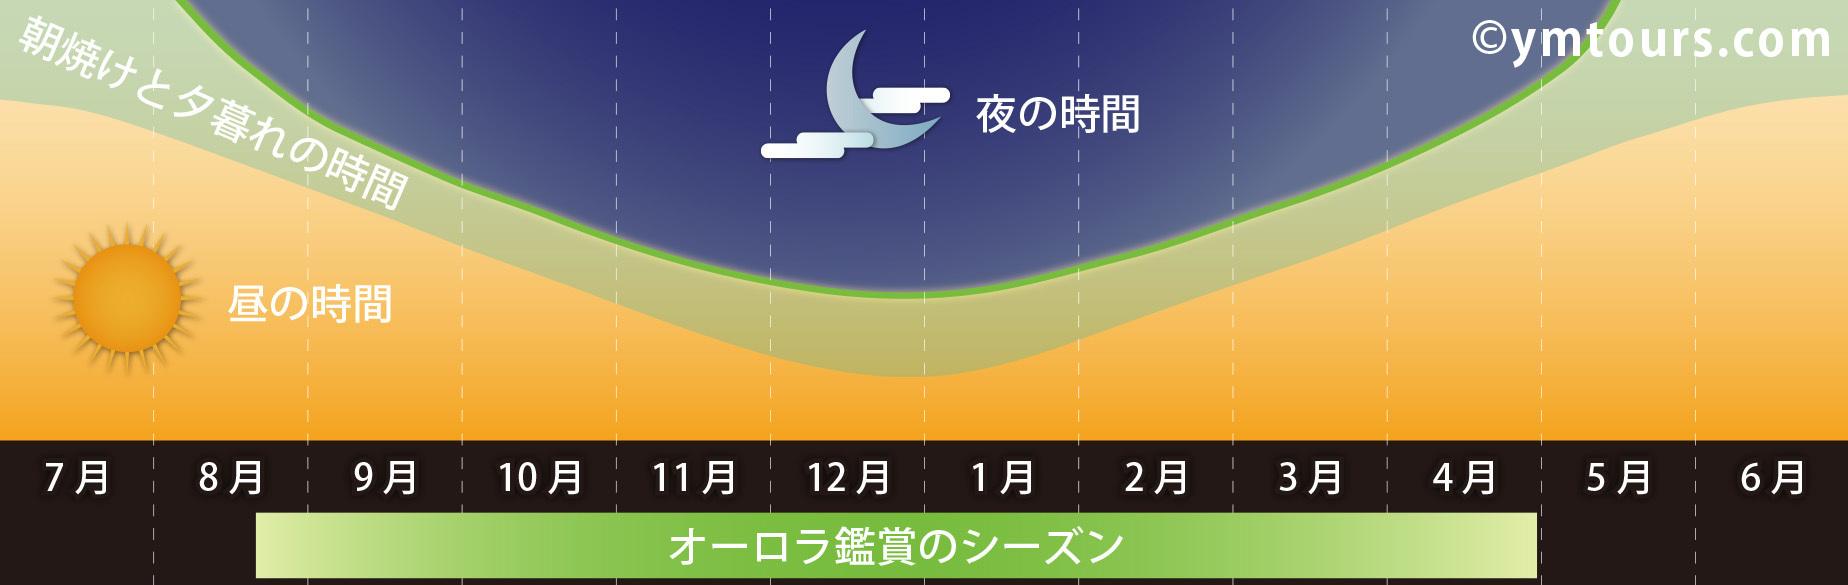 今さら聞けない? オーロラを確実に見るために知っておくべき10の事。_d0112928_03210935.jpg